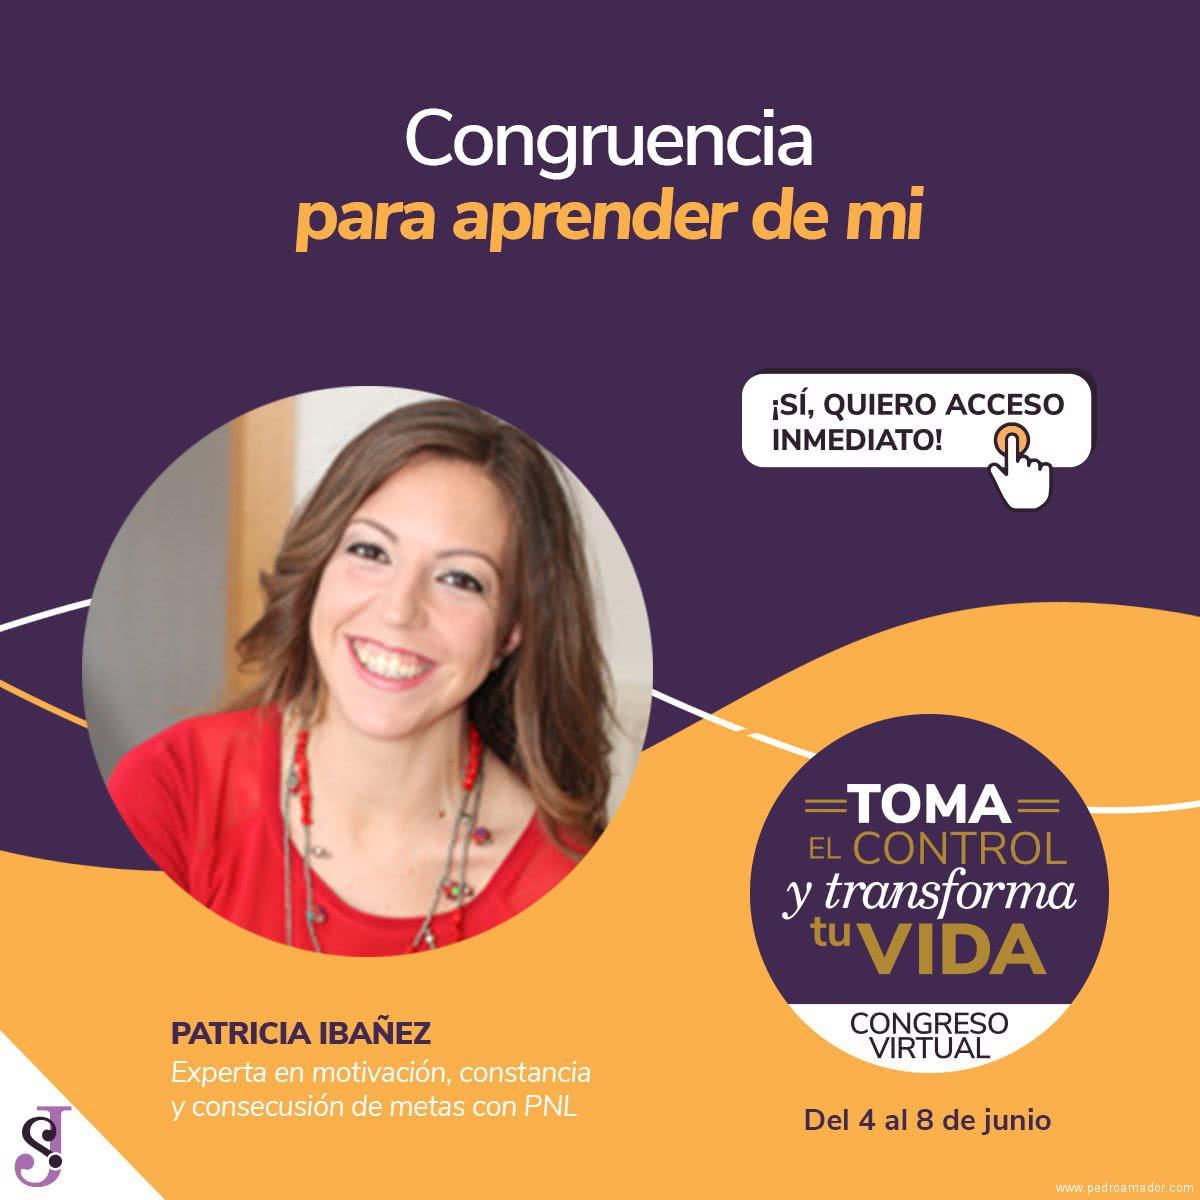 Transforma tu vida - Patricia Ibañez